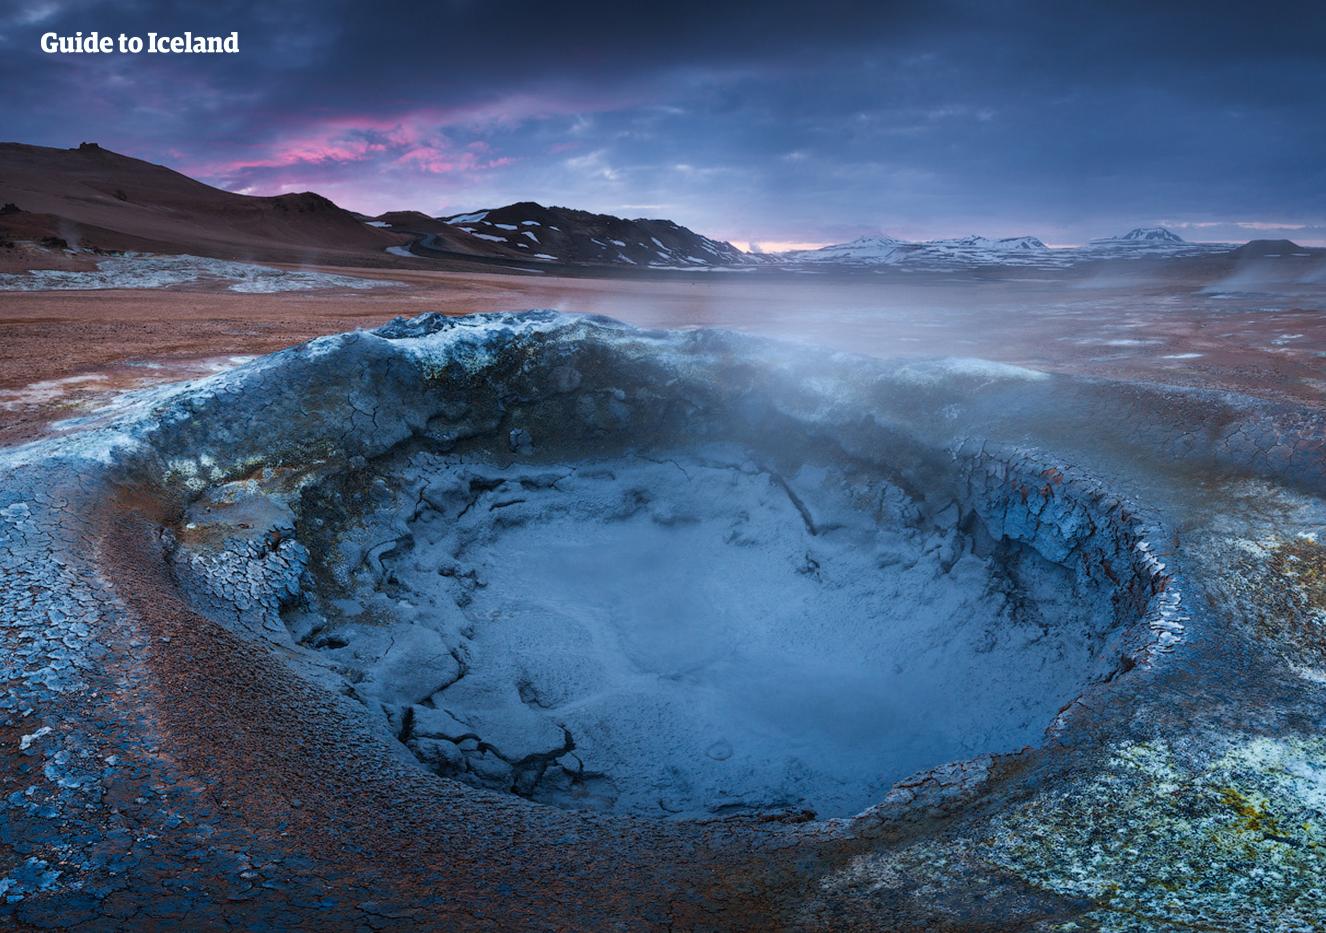 10-dniowe wakacje na Islandii z lotami z Reykjaviku do Akureyri, pełne wodospadów i gorących źródeł - day 6